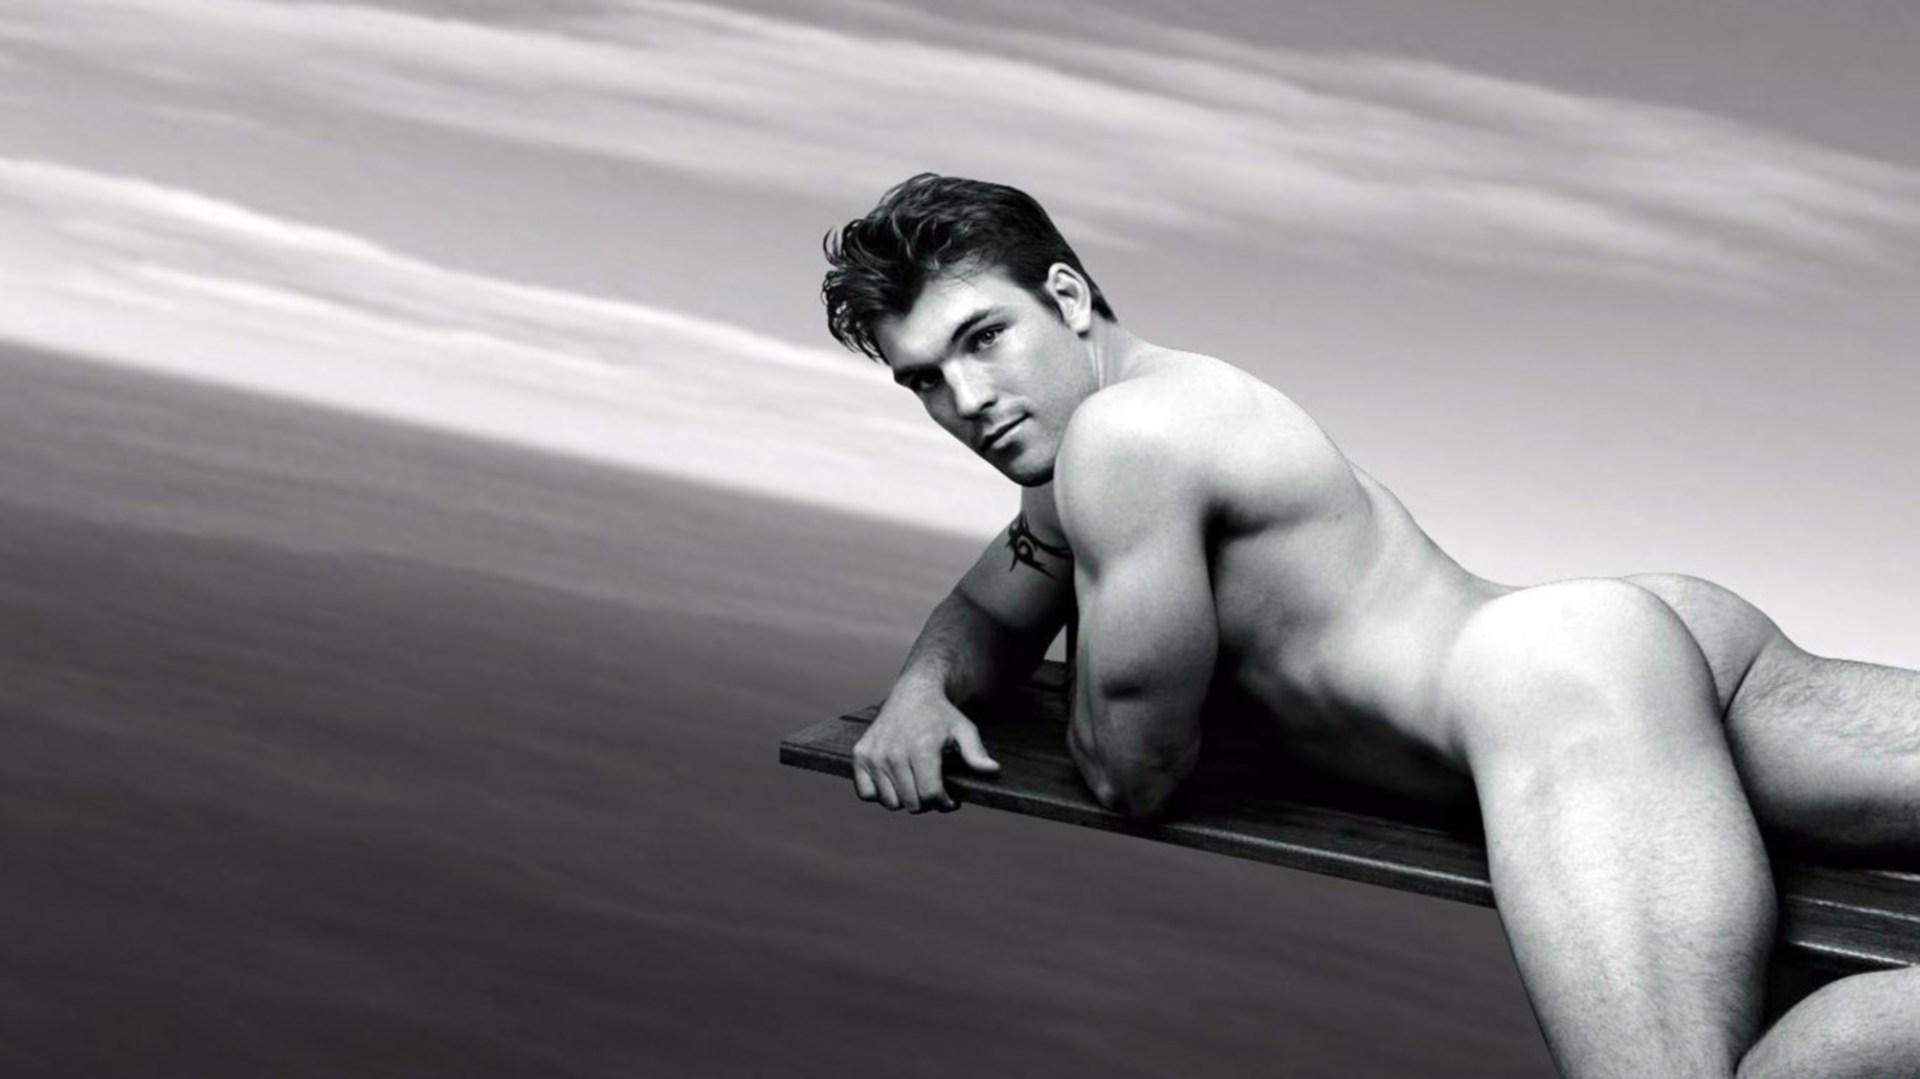 Самые красивые голые мужчины мира фото 13 фотография